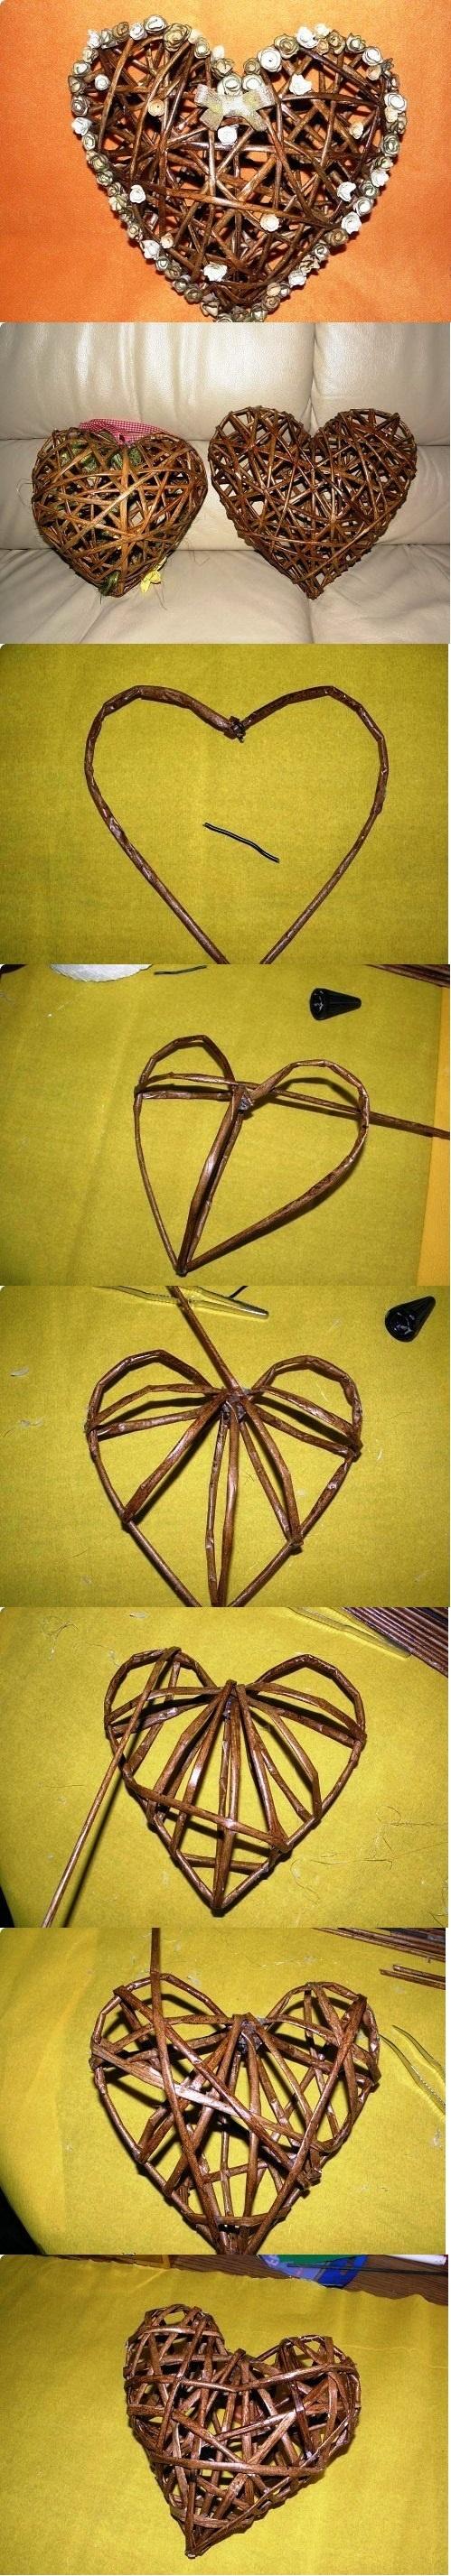 Coração feito de tubos de jornal.